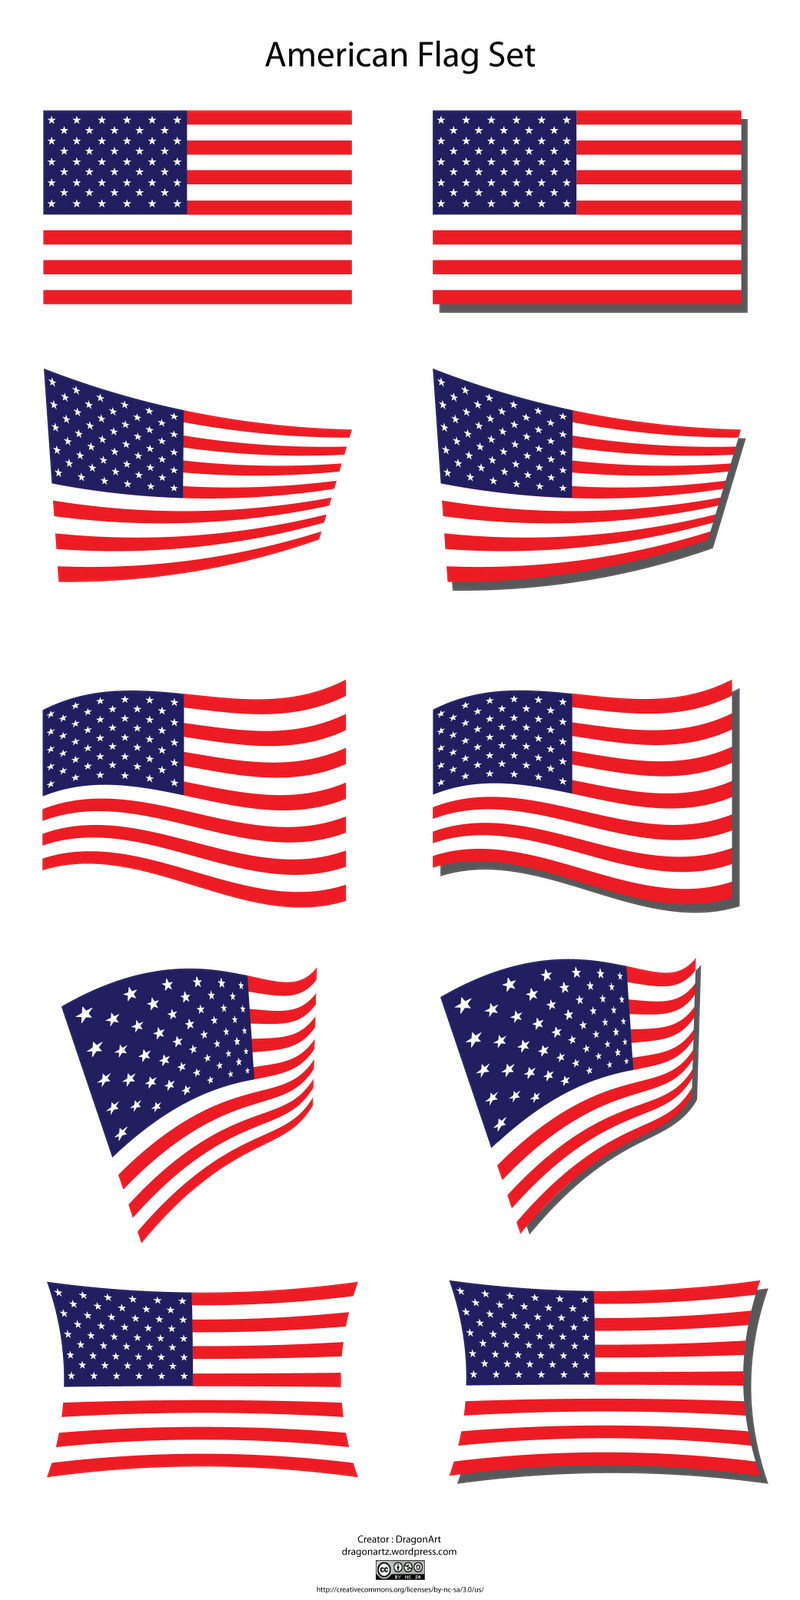 Tiny us flag clipart jpg free library Tiny us flag clipart - ClipartFest jpg free library